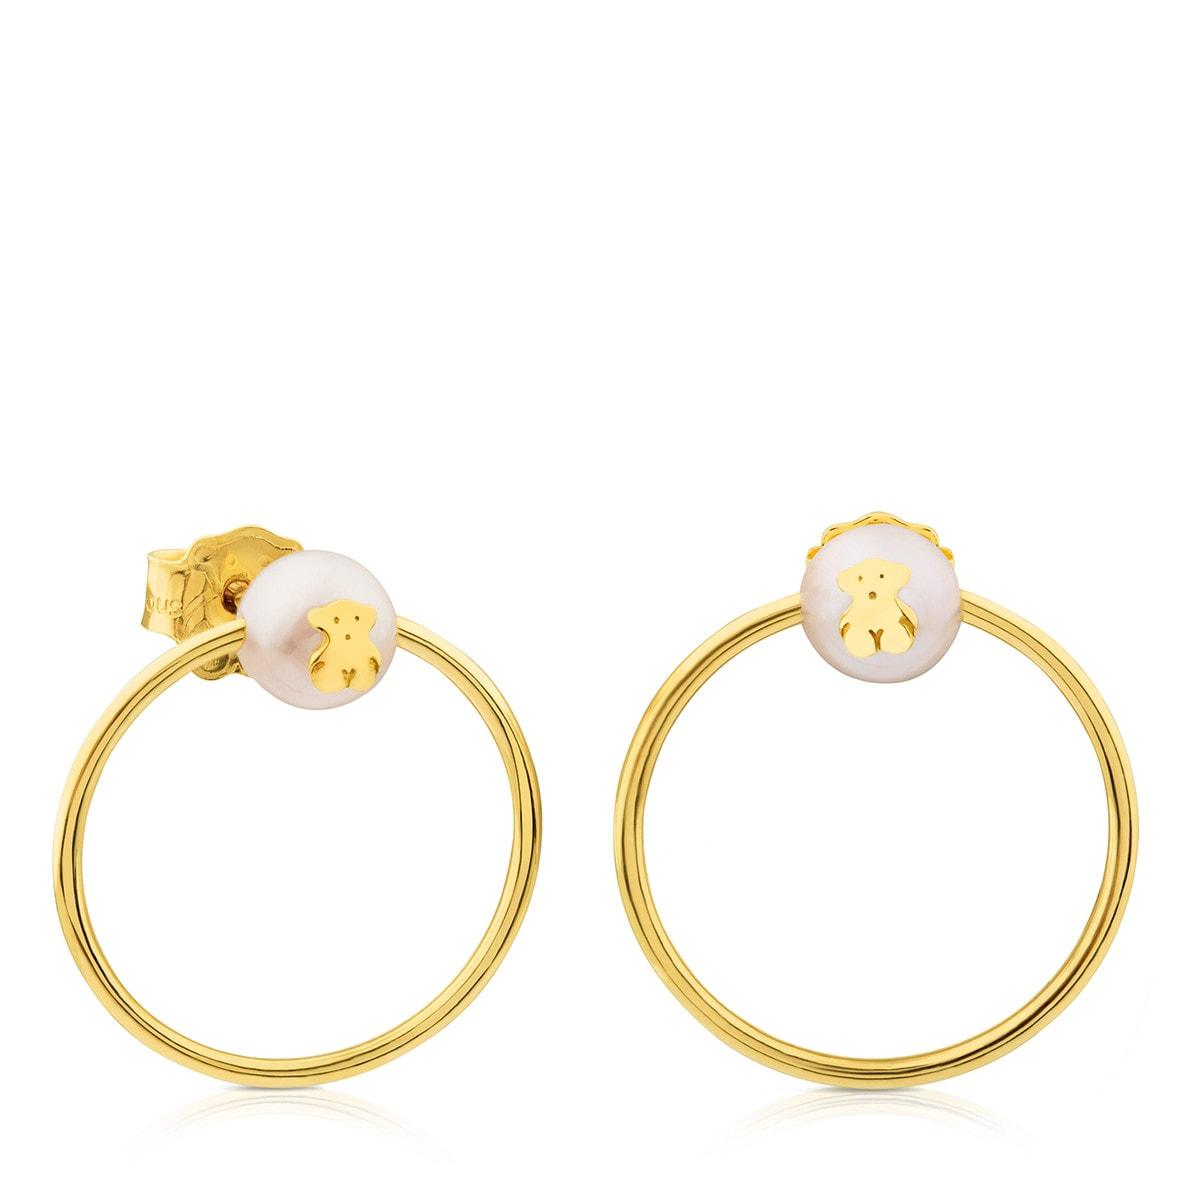 b0e84264237a Pendientes Icon de Oro con Perla - Sitio web Tous España